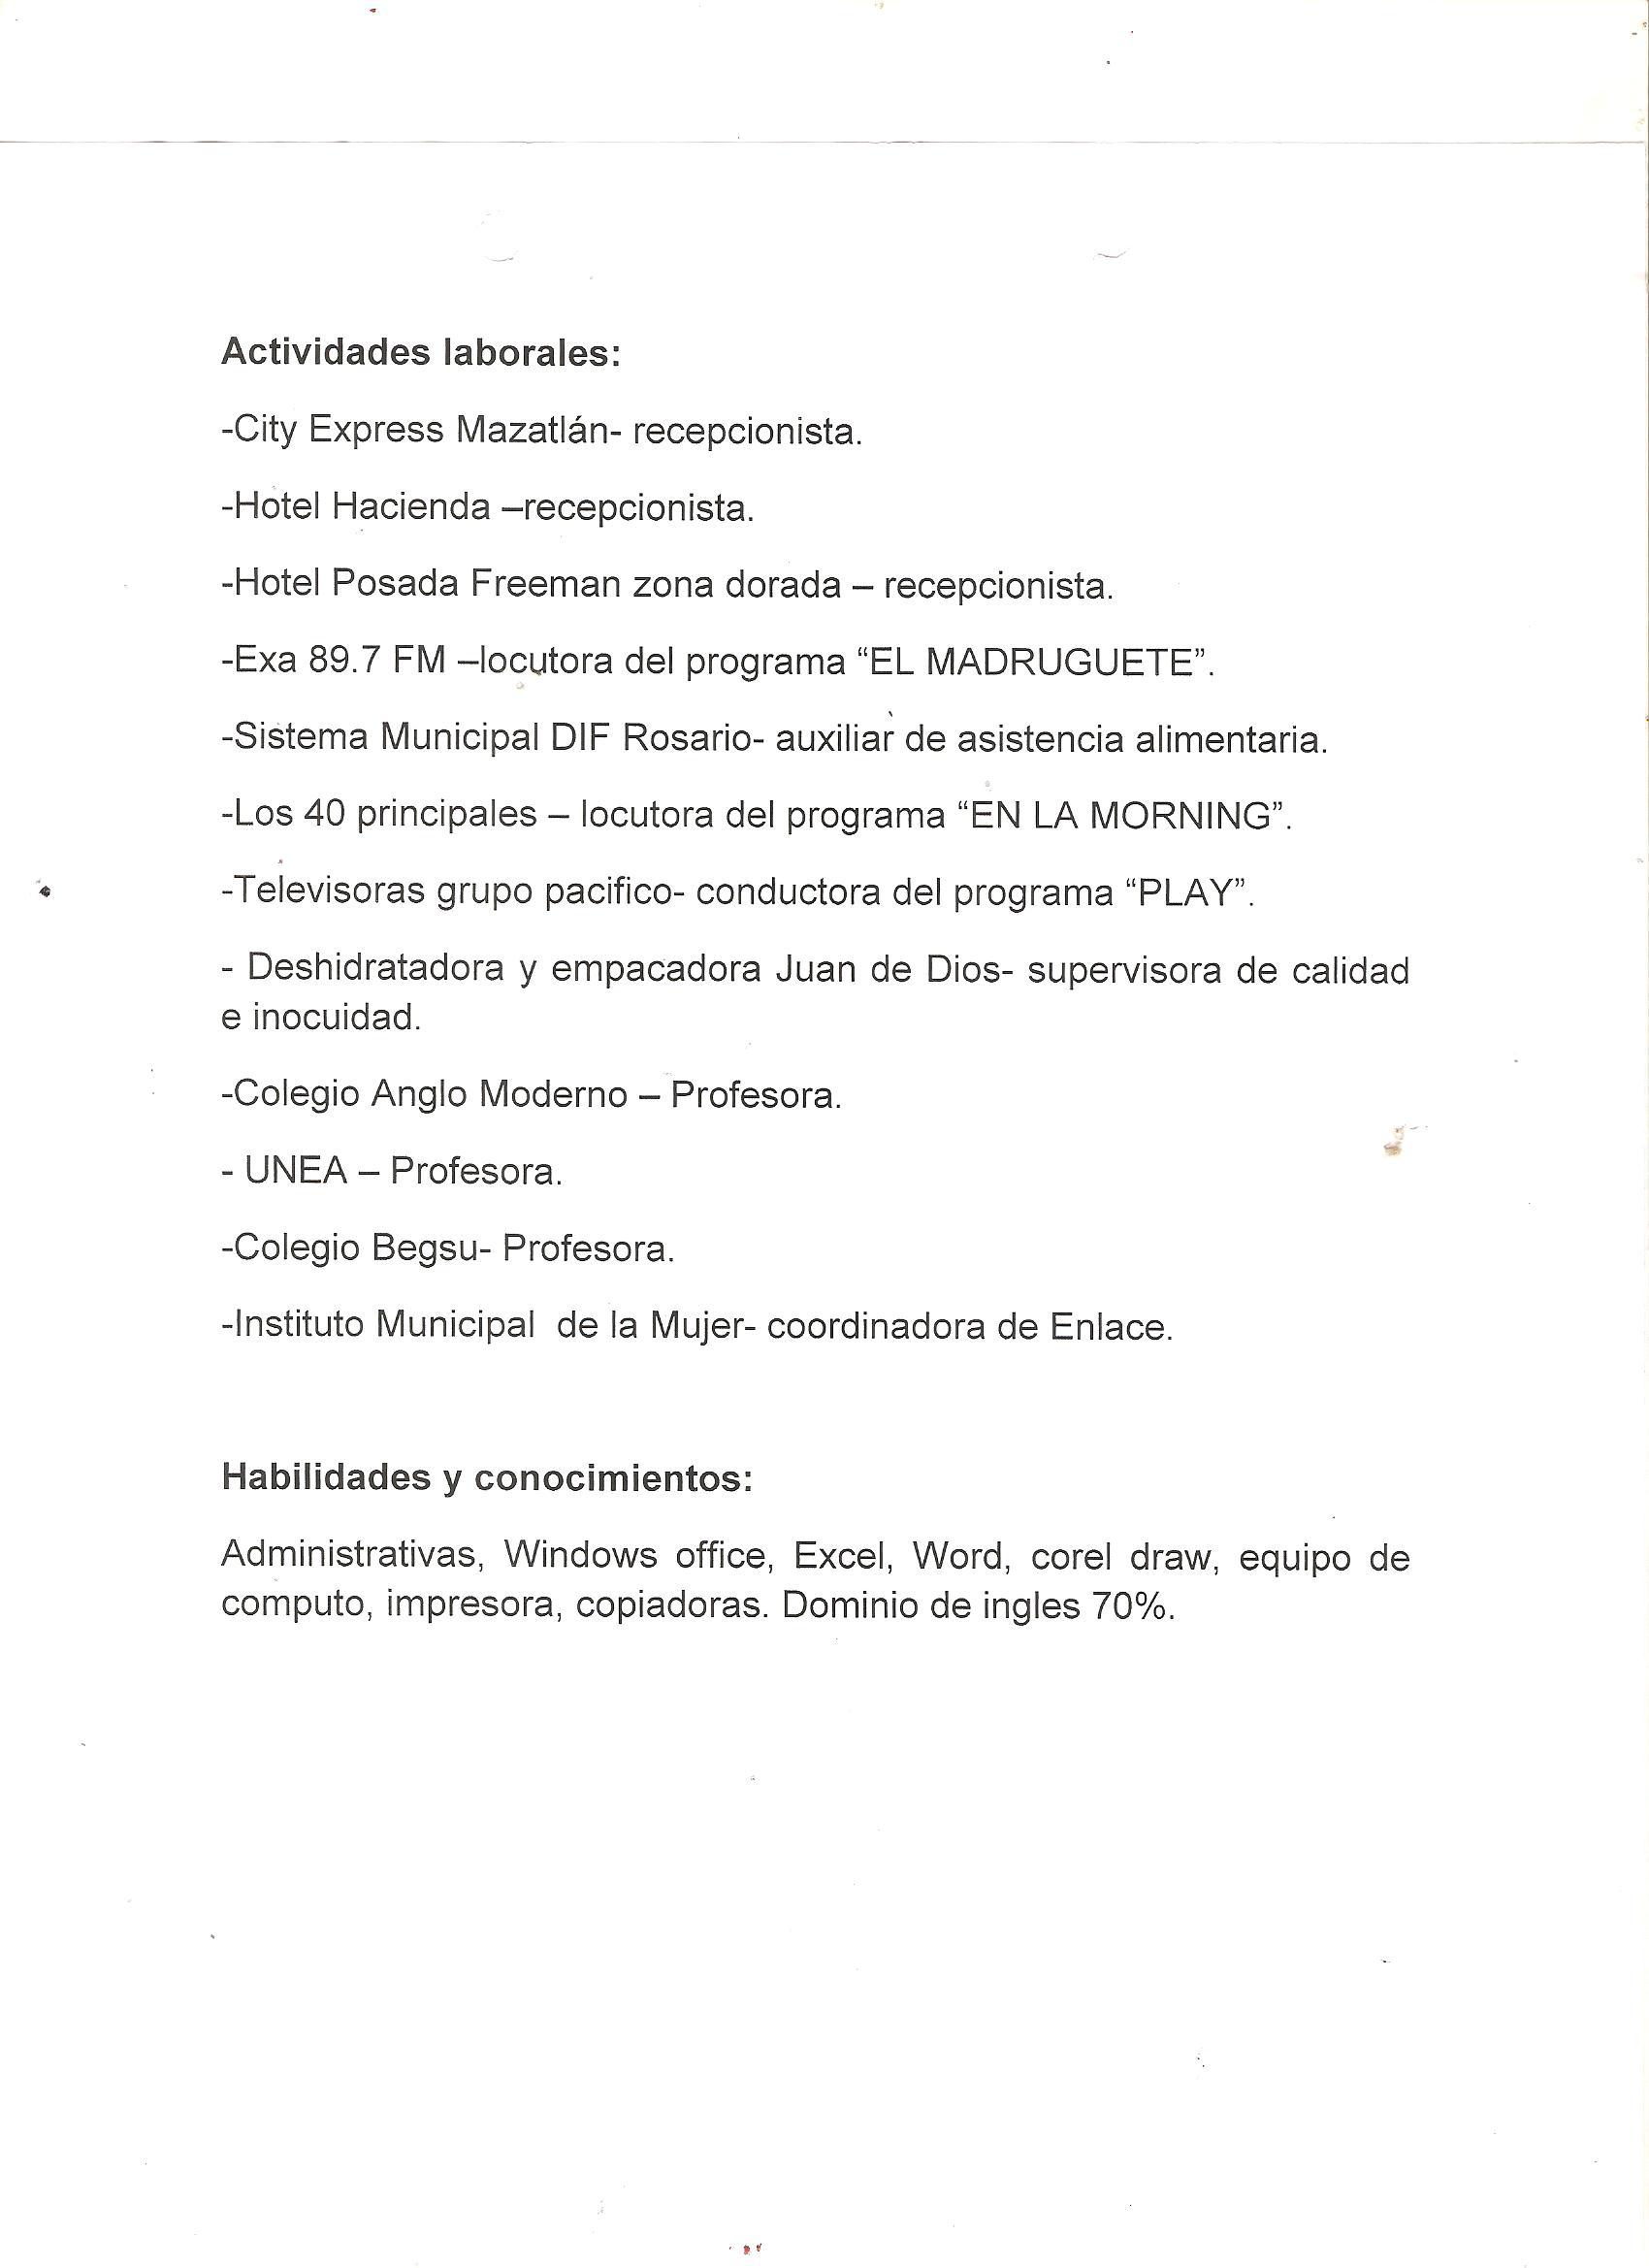 Index Of Plataforma Nacional Curriculum Vitae Servidores Publicos